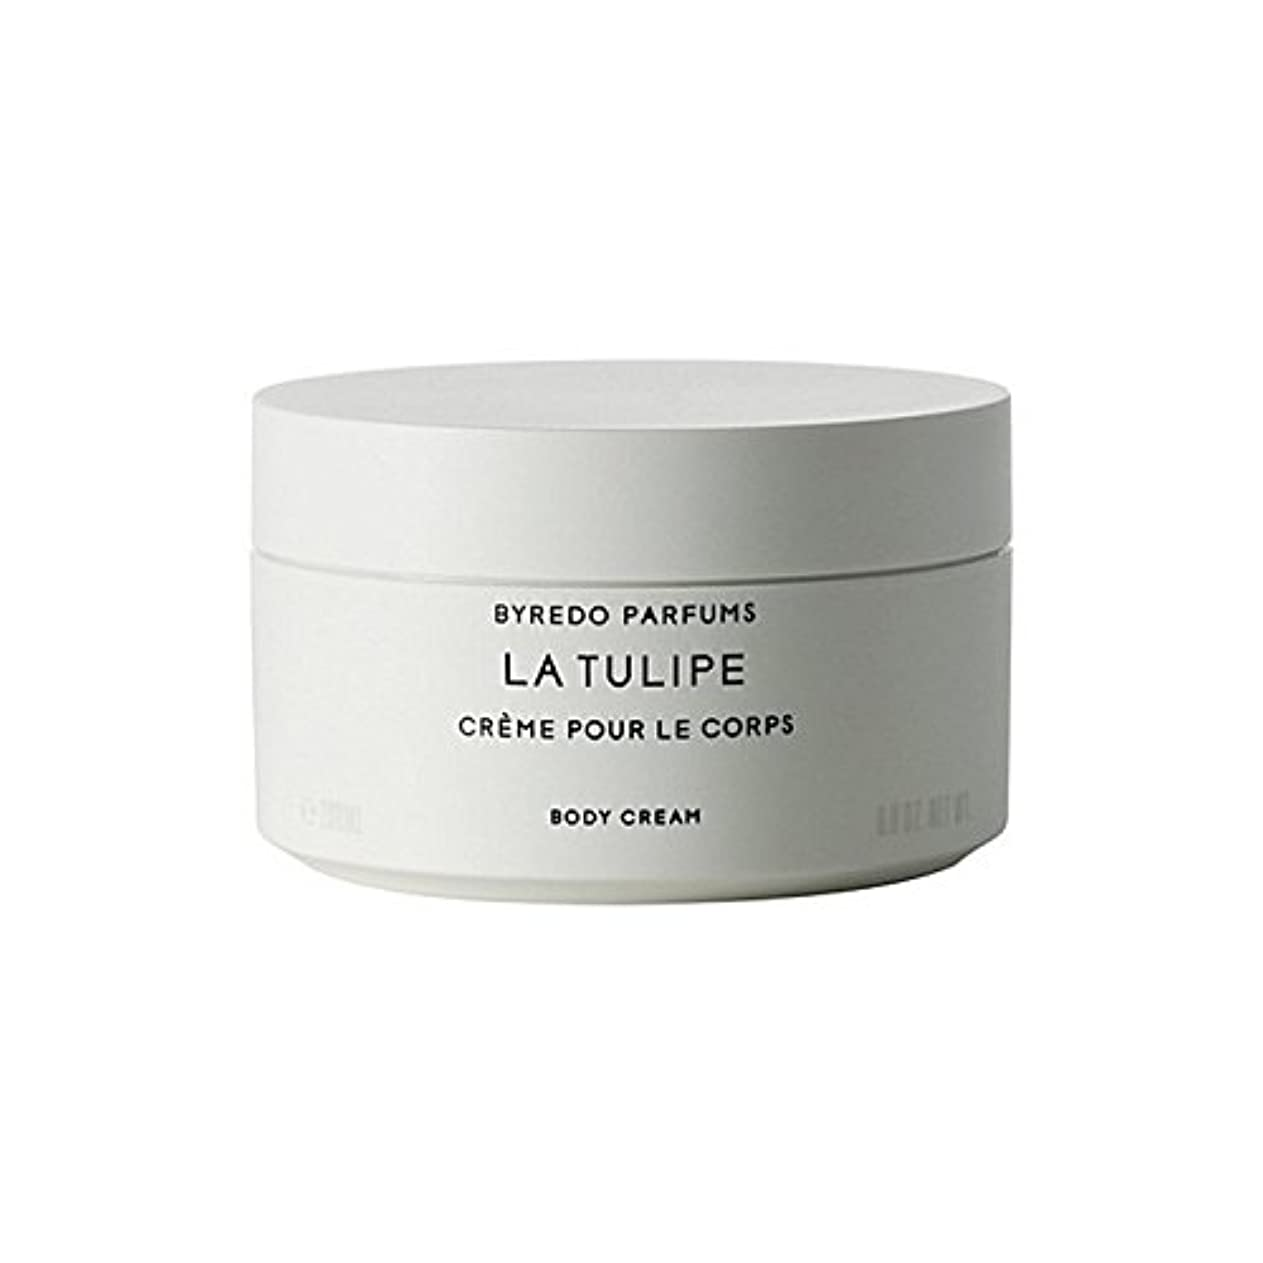 地下補足調和ラチューリップボディクリーム200ミリリットル x2 - Byredo La Tulipe Body Cream 200ml (Pack of 2) [並行輸入品]